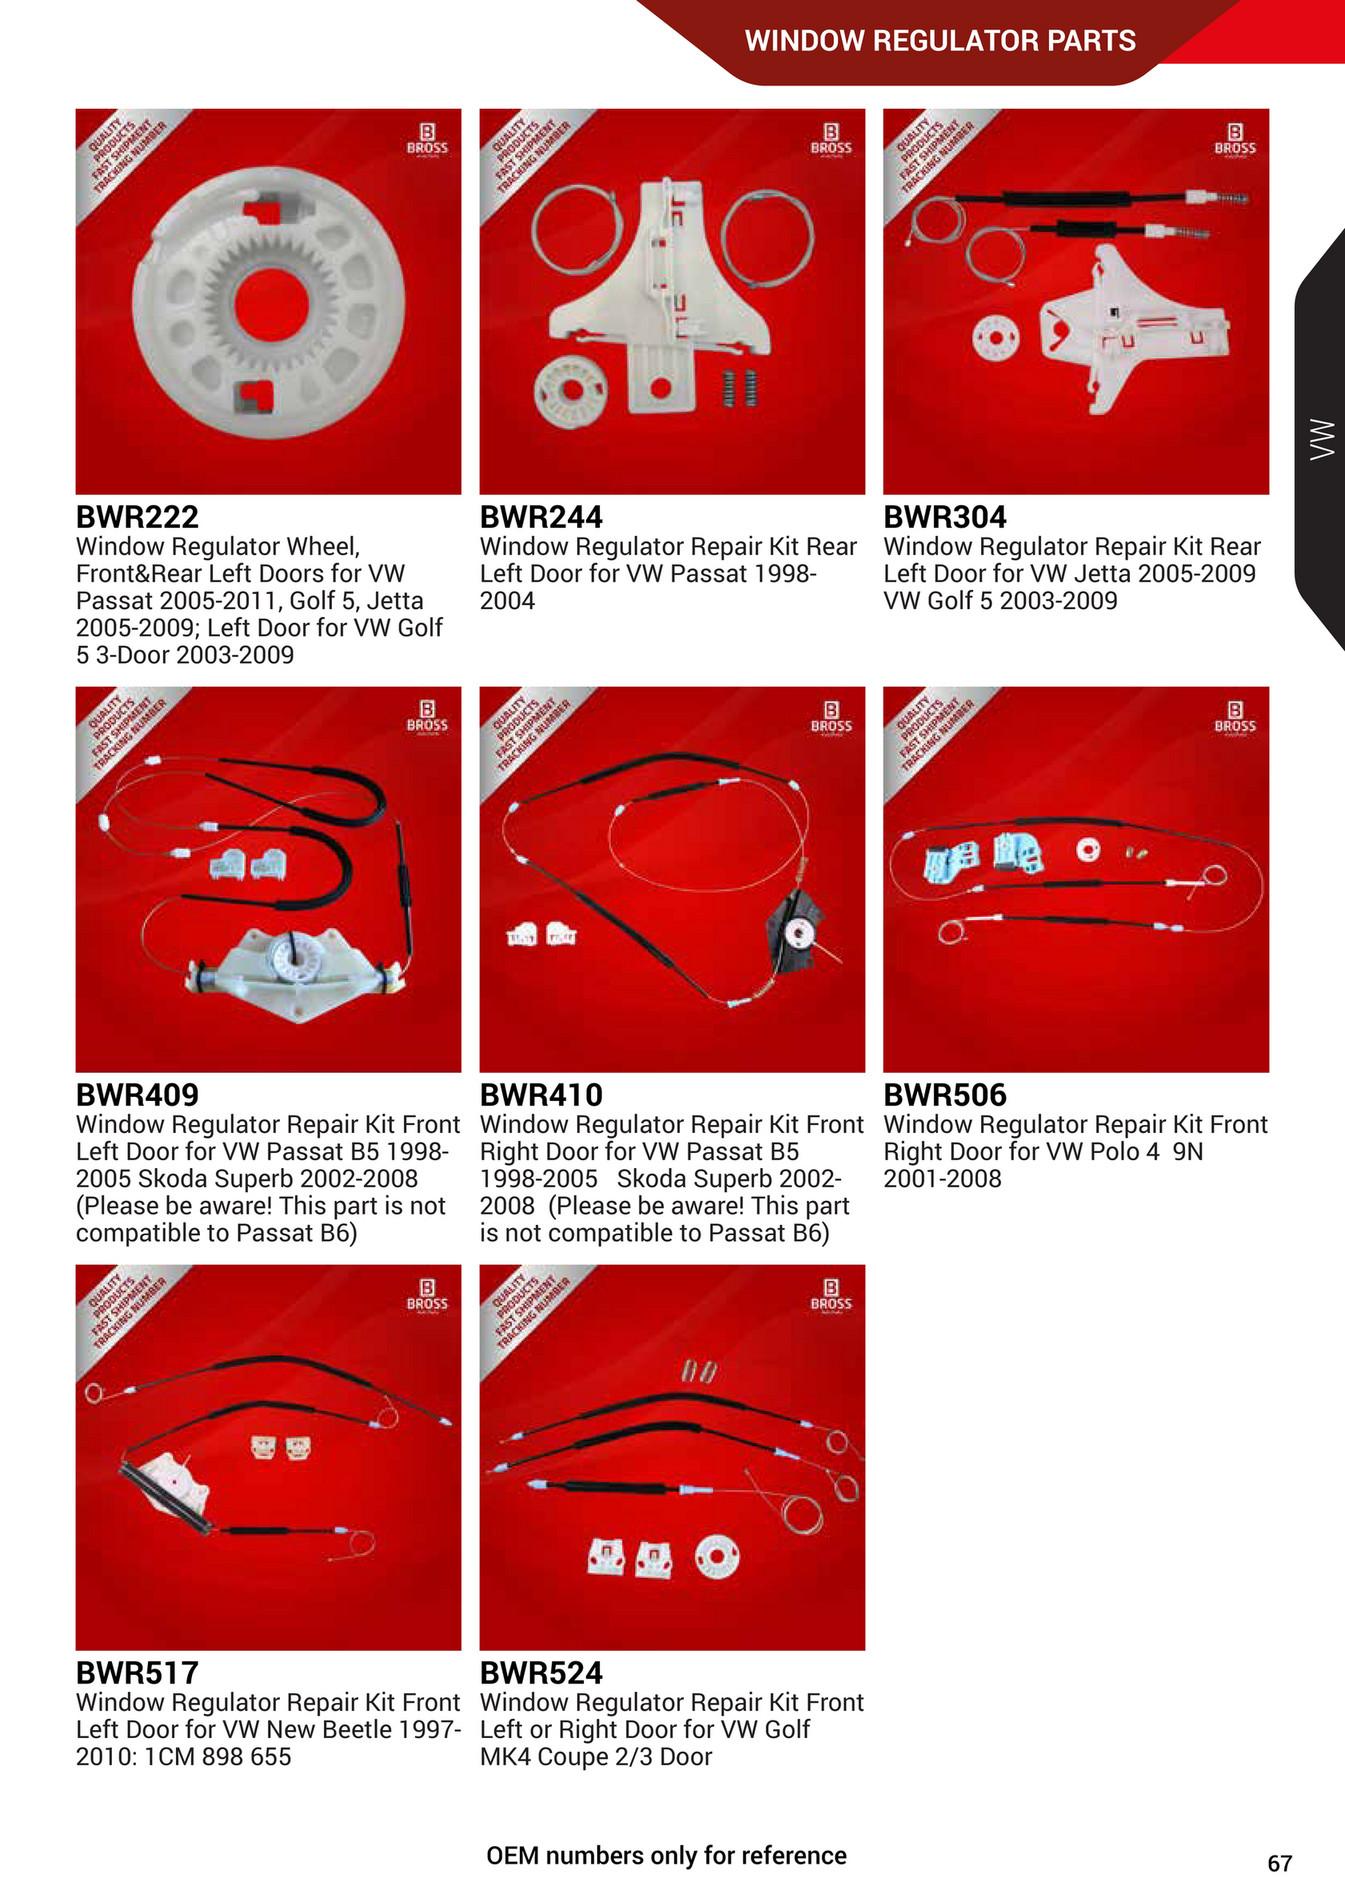 Window Regulator Repair Kit Front Left Door for VW Passat B5 1998-2005